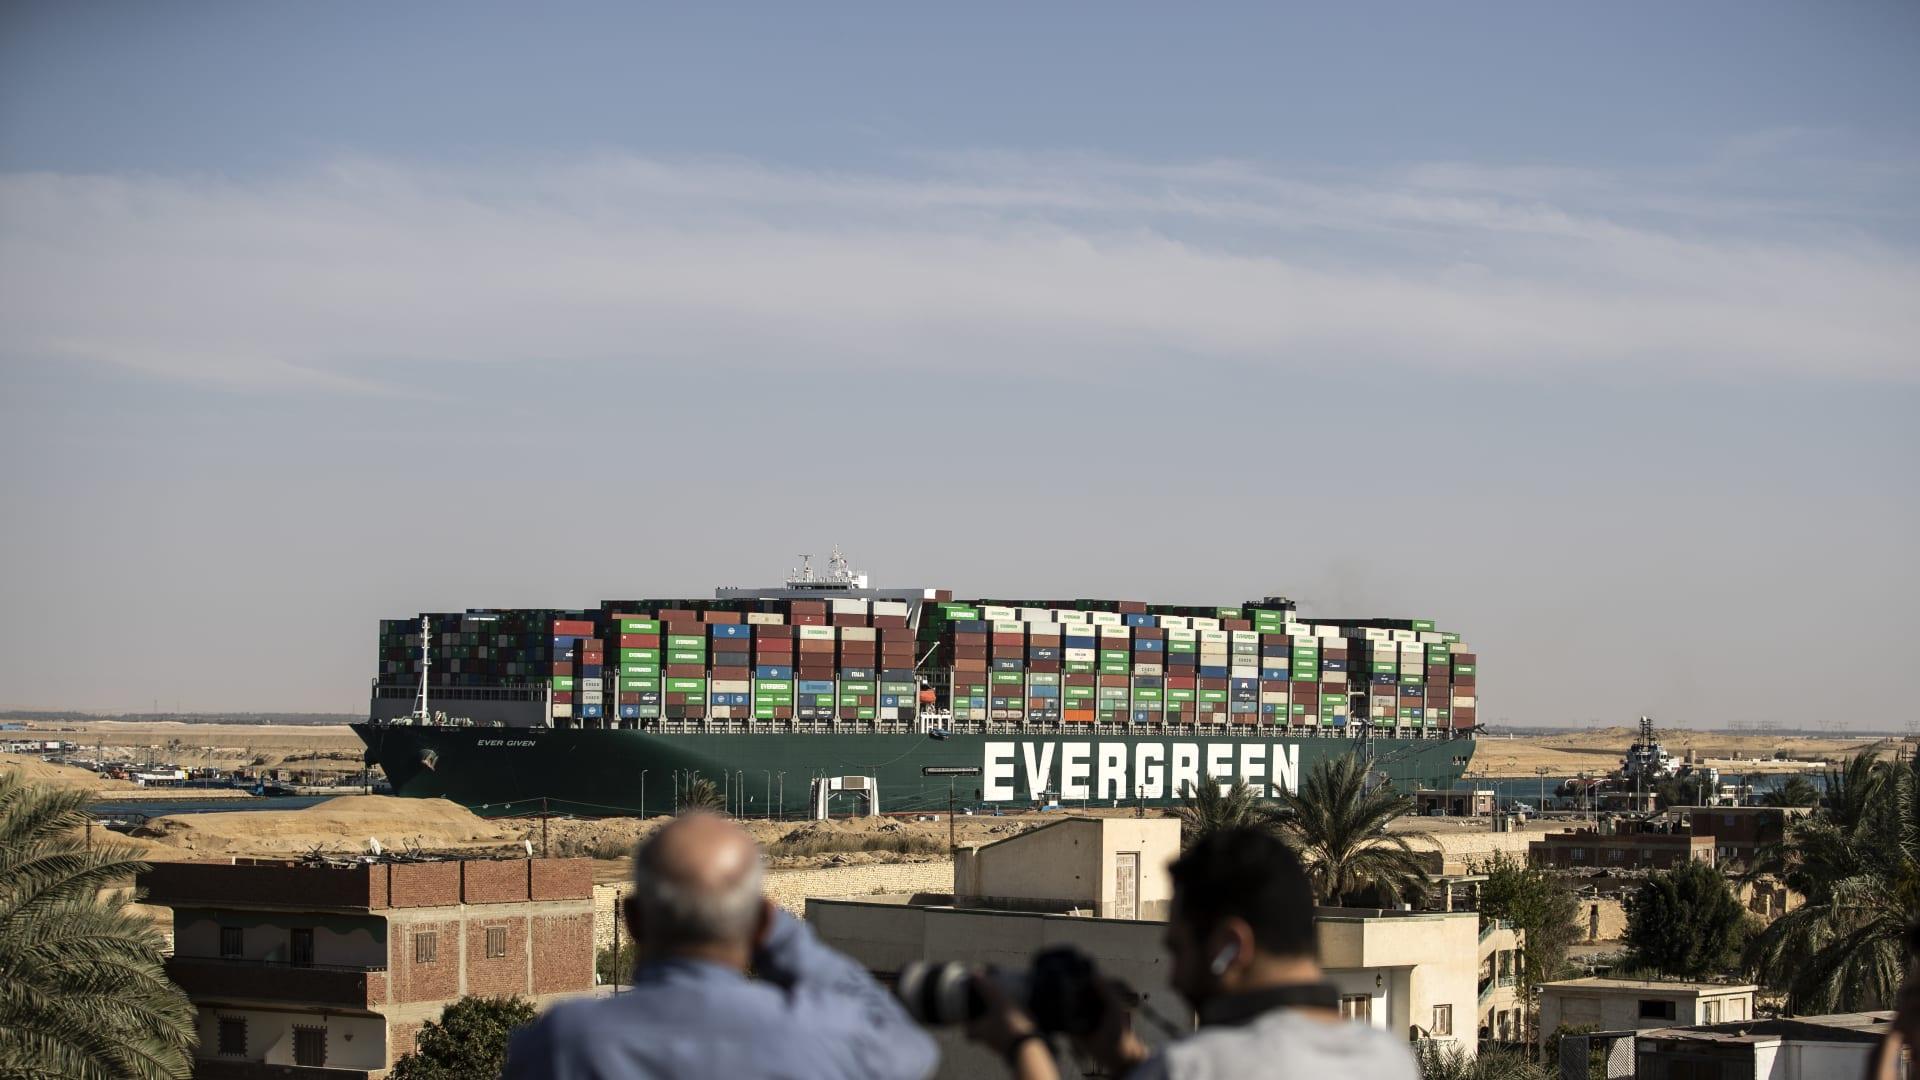 مالك سفينة ايفرغيفن يرفع دعوى قضائية استباقا لتعويضات الحادث قناة السويس